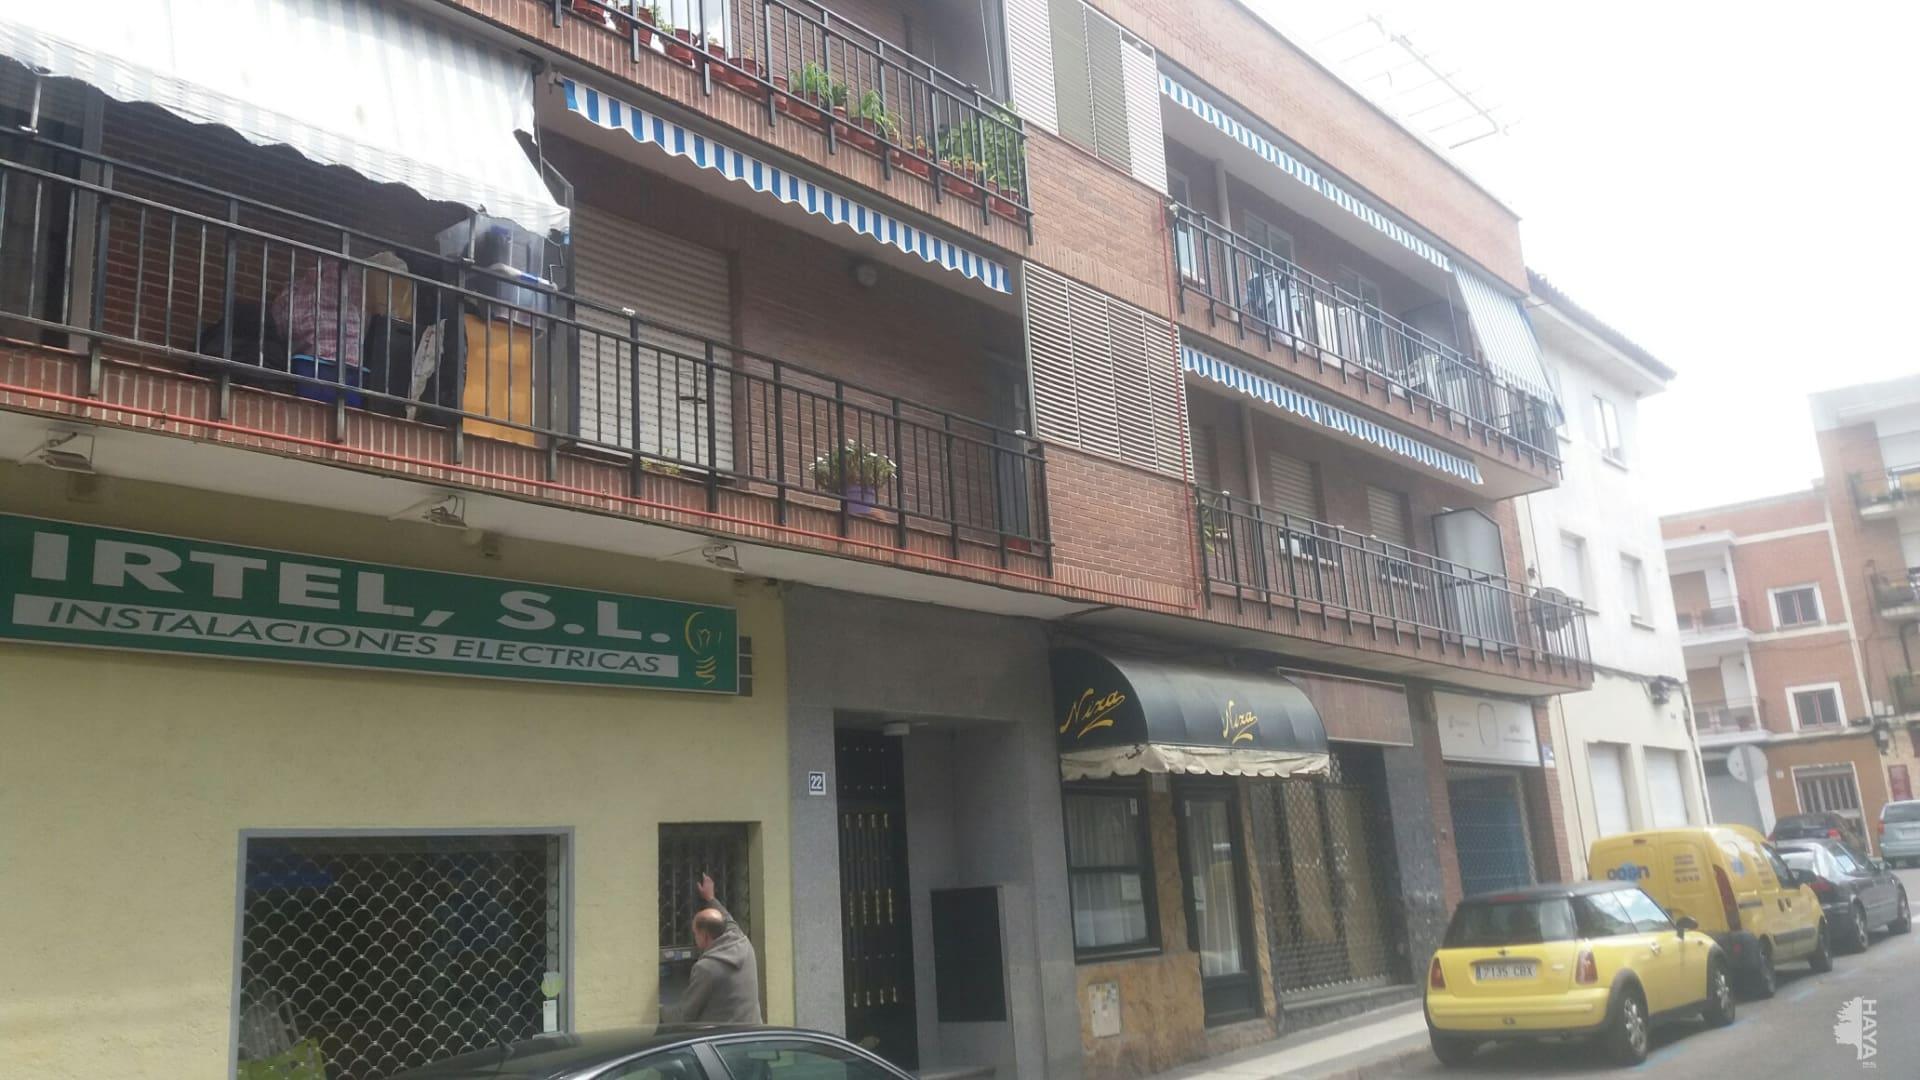 Piso en venta en Majadahonda, Madrid, Calle Oriente, 166.000 €, 3 habitaciones, 1 baño, 83 m2